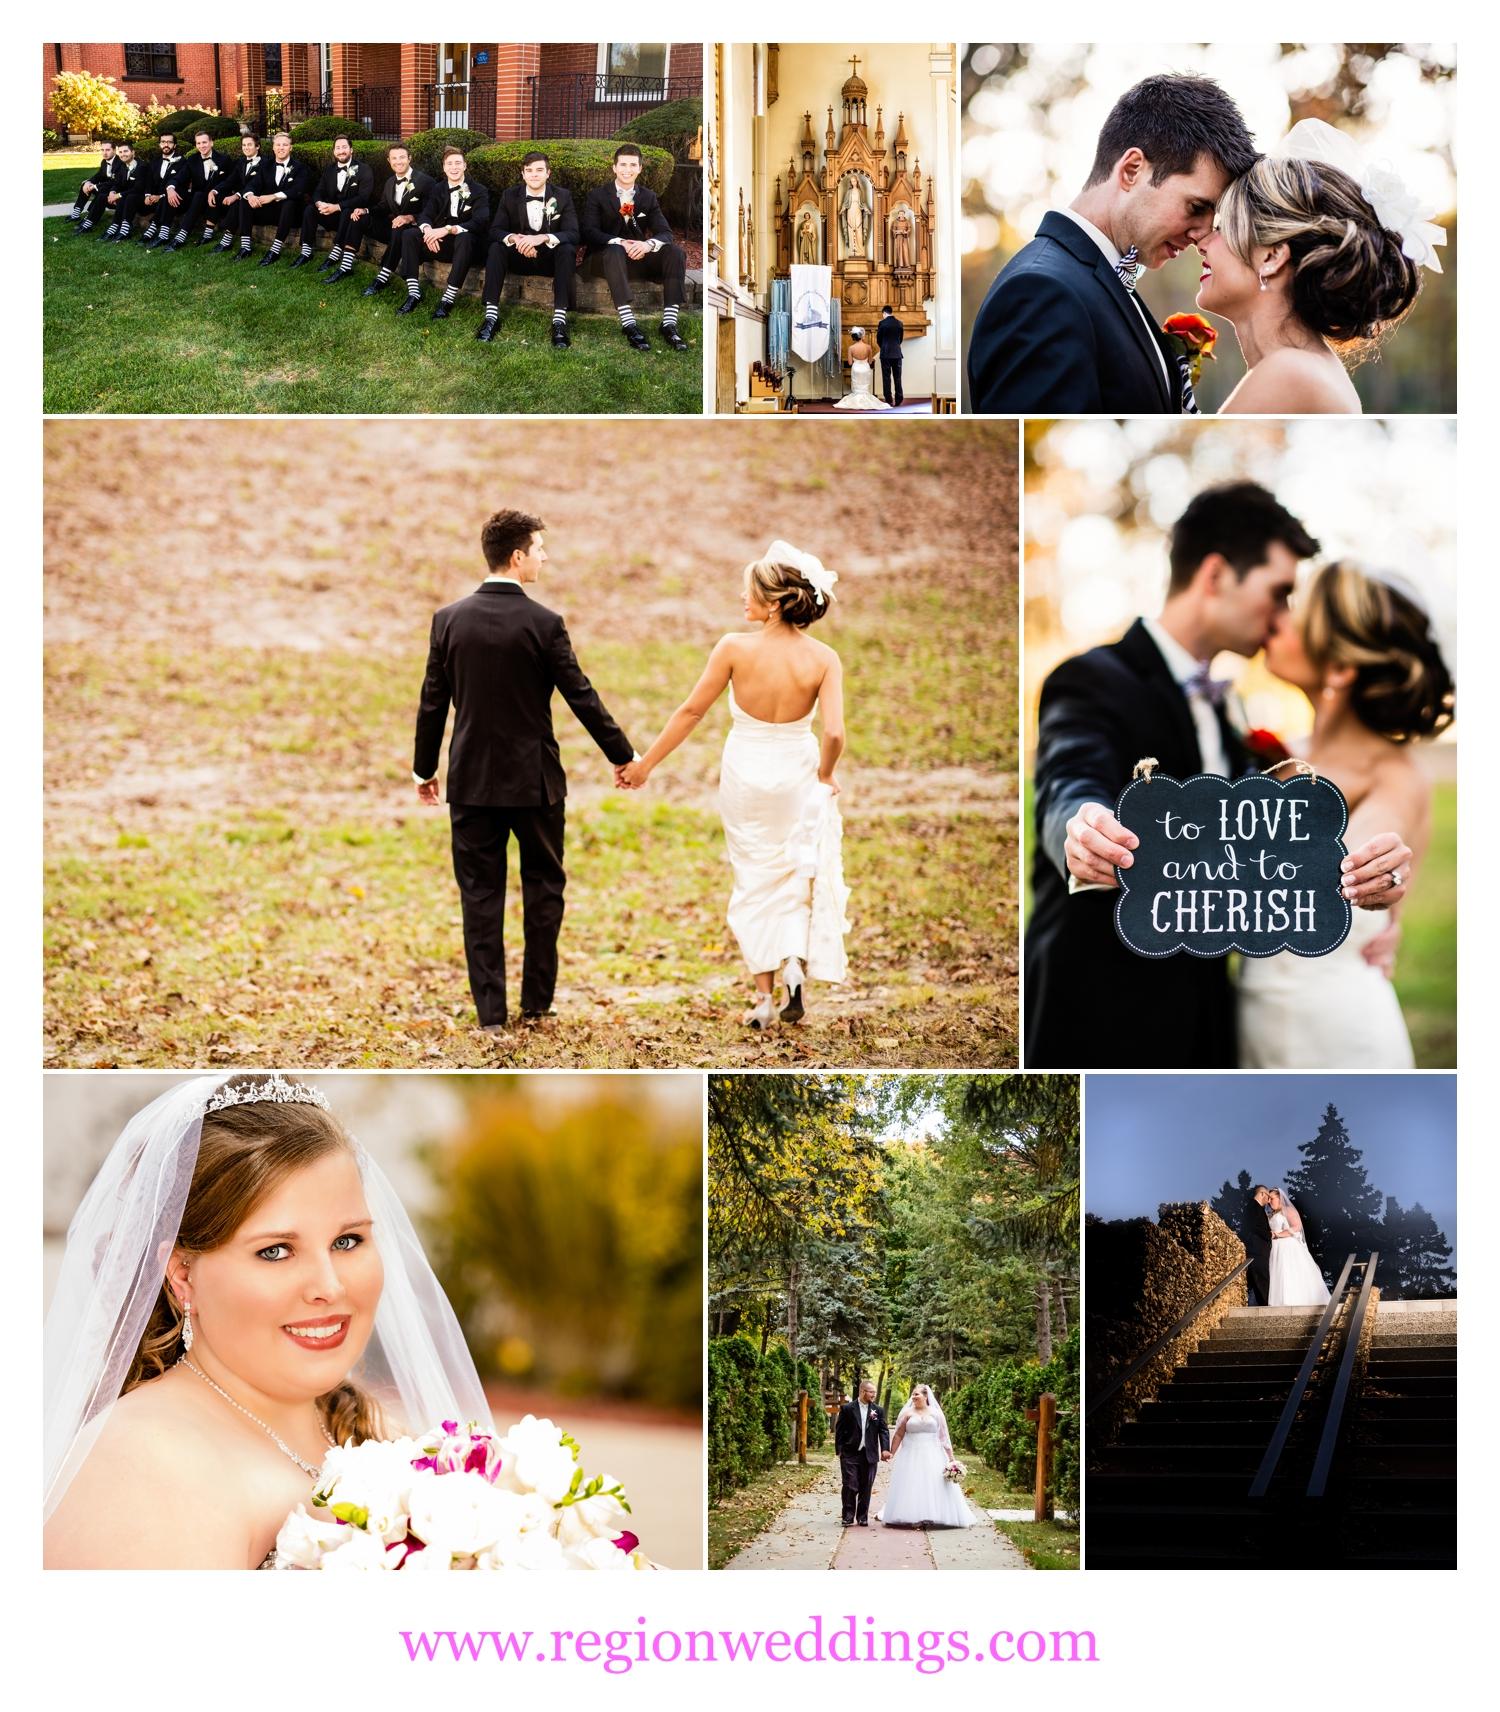 northwest-indiana-wedding-photography-collage10.jpg